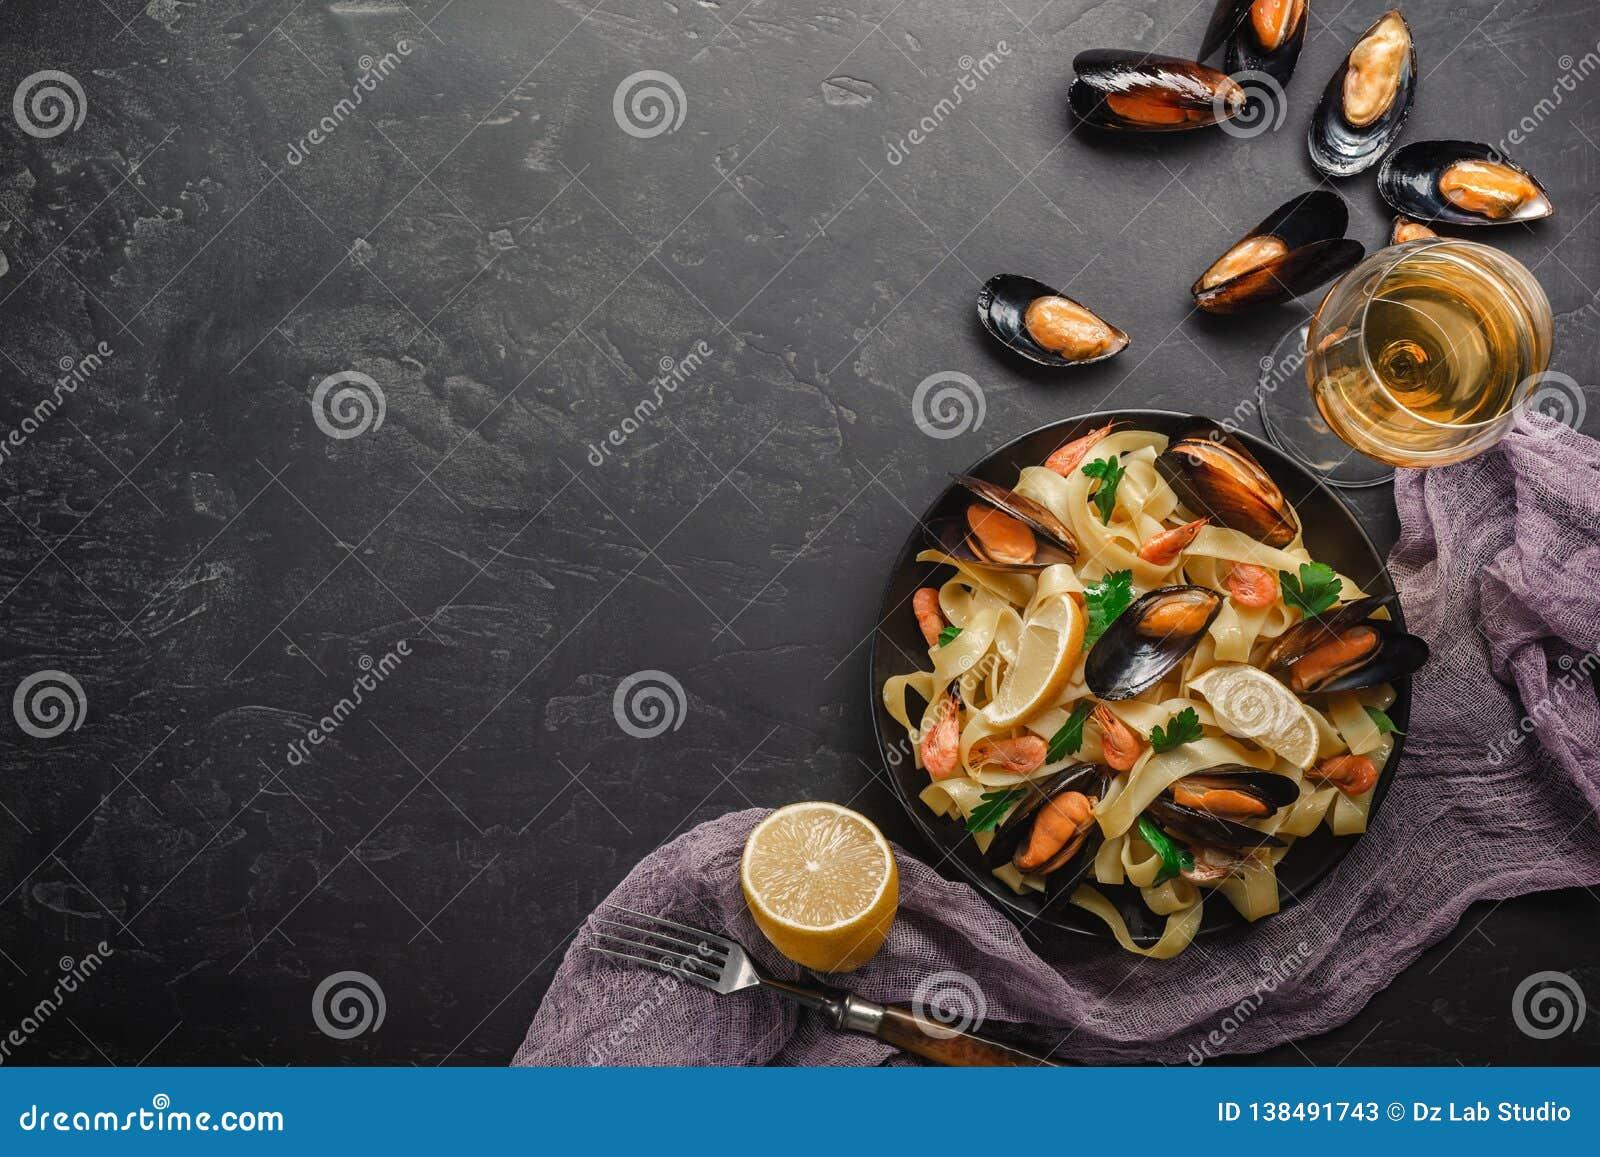 Vongole de spaghetti, pâtes italiennes de fruits de mer avec des palourdes et moules, dans le plat avec des herbes sur le fond en